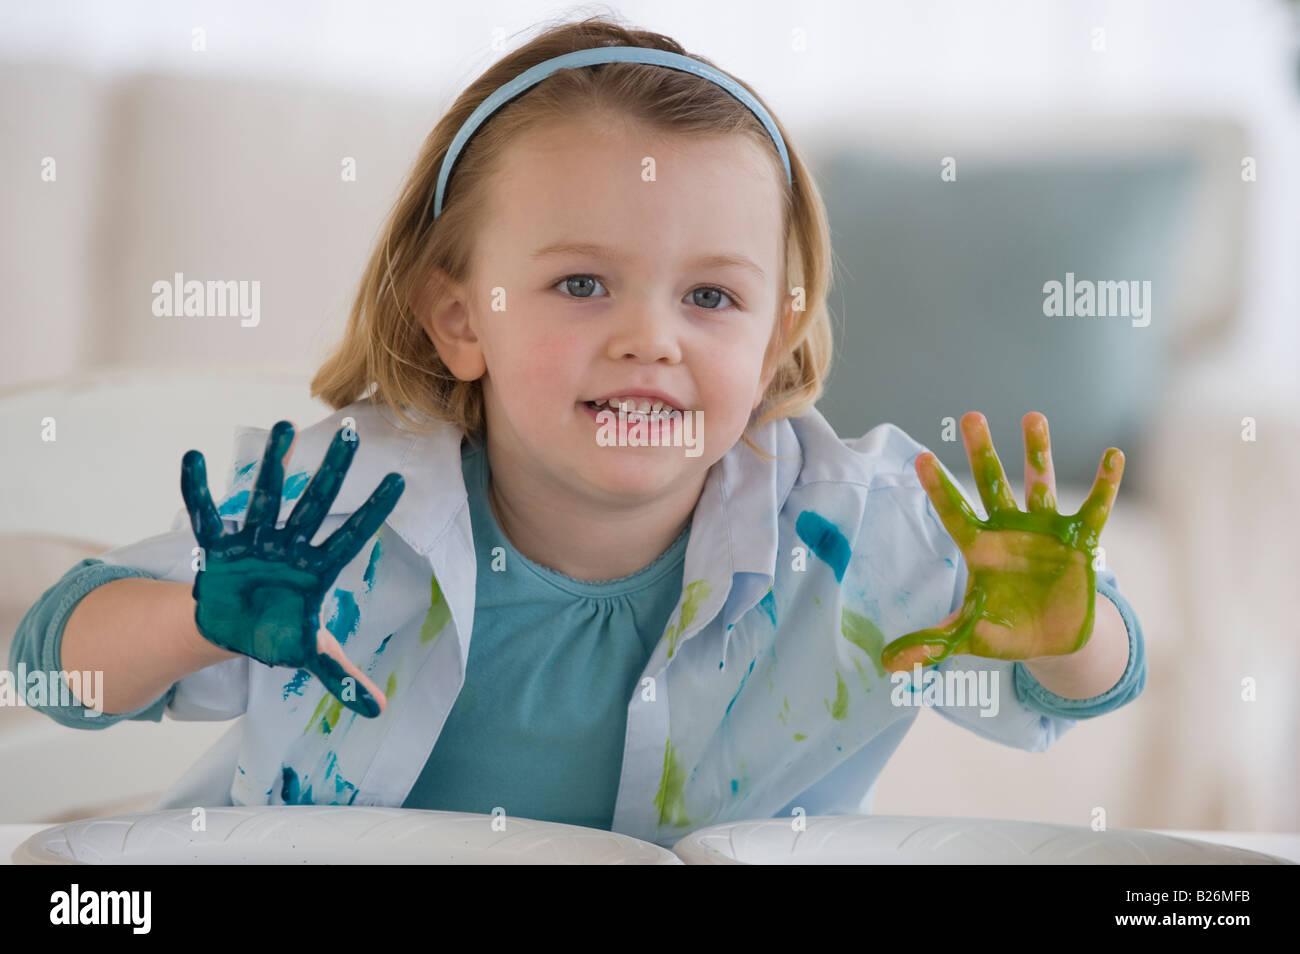 Chica pintar con los dedos, con diferentes colores Imagen De Stock